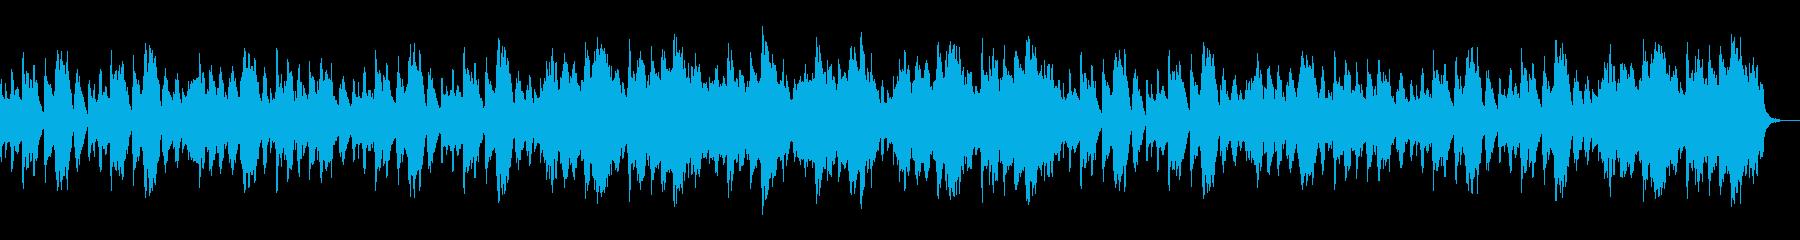 静かでおだやかでやさしいBGMの再生済みの波形